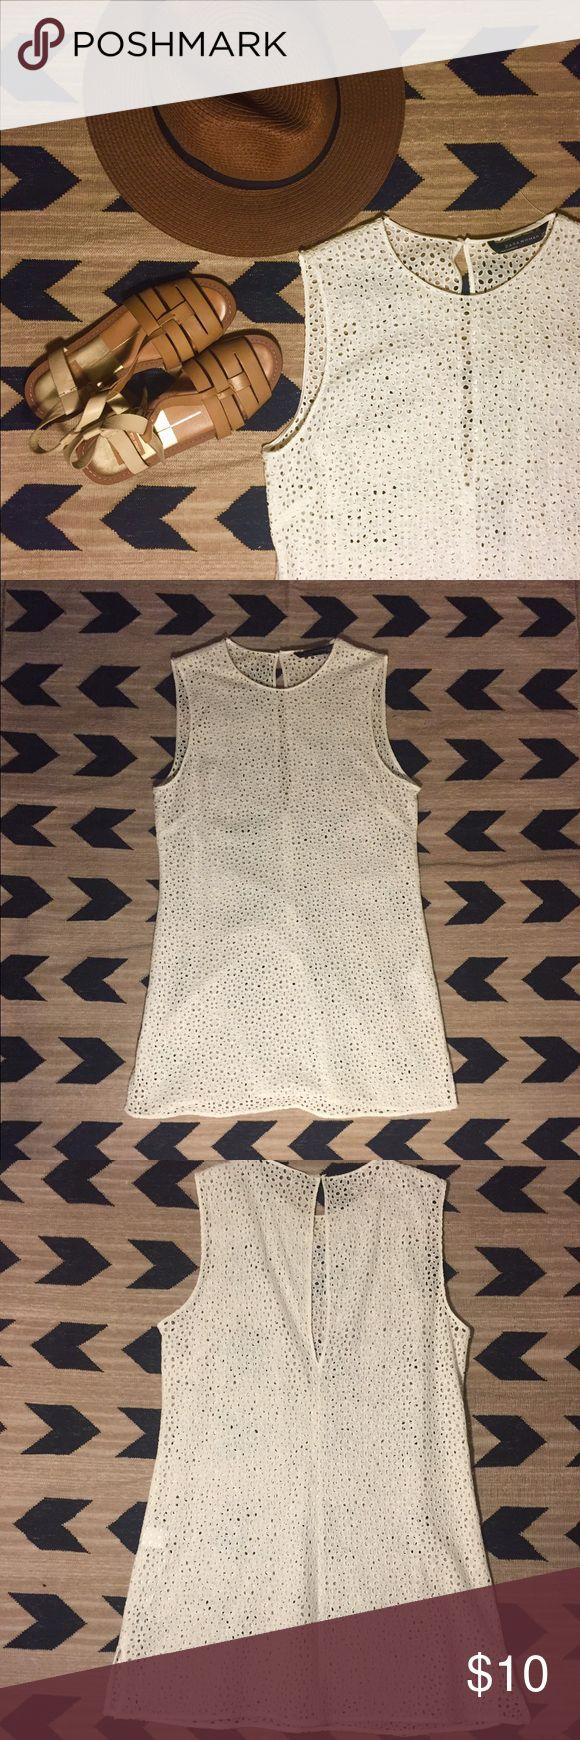 Zara white tunic/swimsuit coverup.  See through. Zara white tunic/swimsuit coverup.  See through.  XS.  Never worn. Zara Swim Coverups